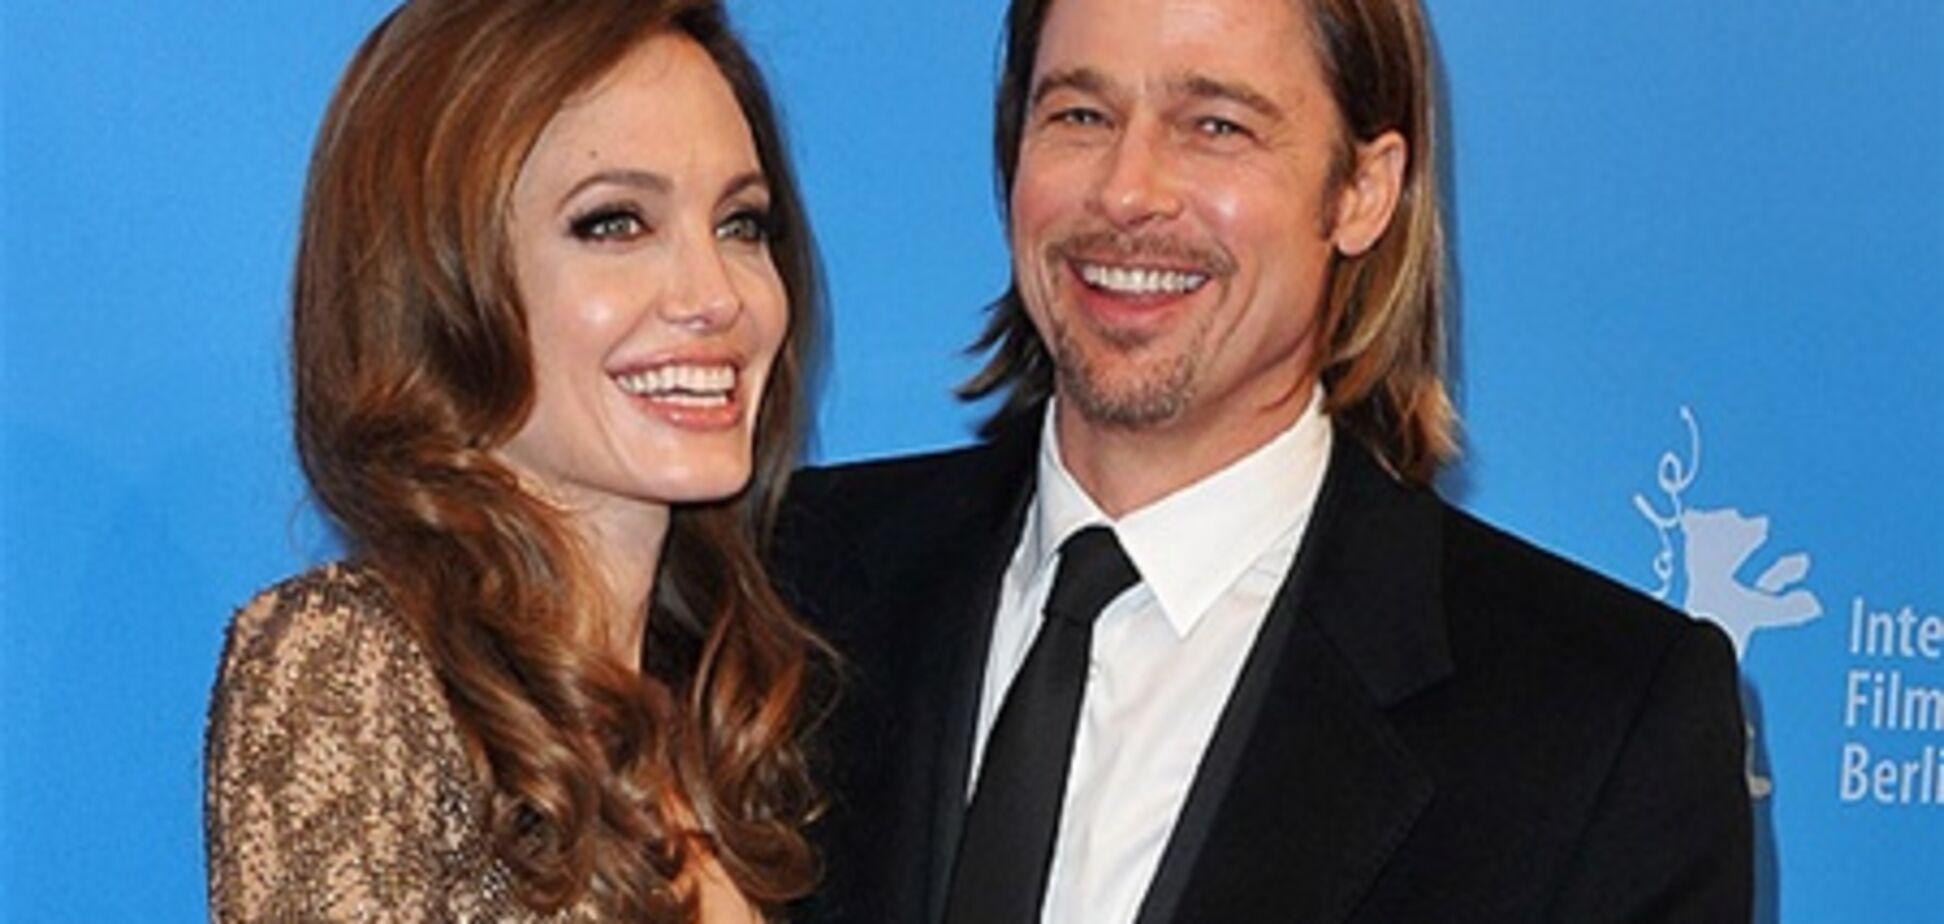 Брэд Питт и Анджелина Джоли: свадьба в эти выходные?